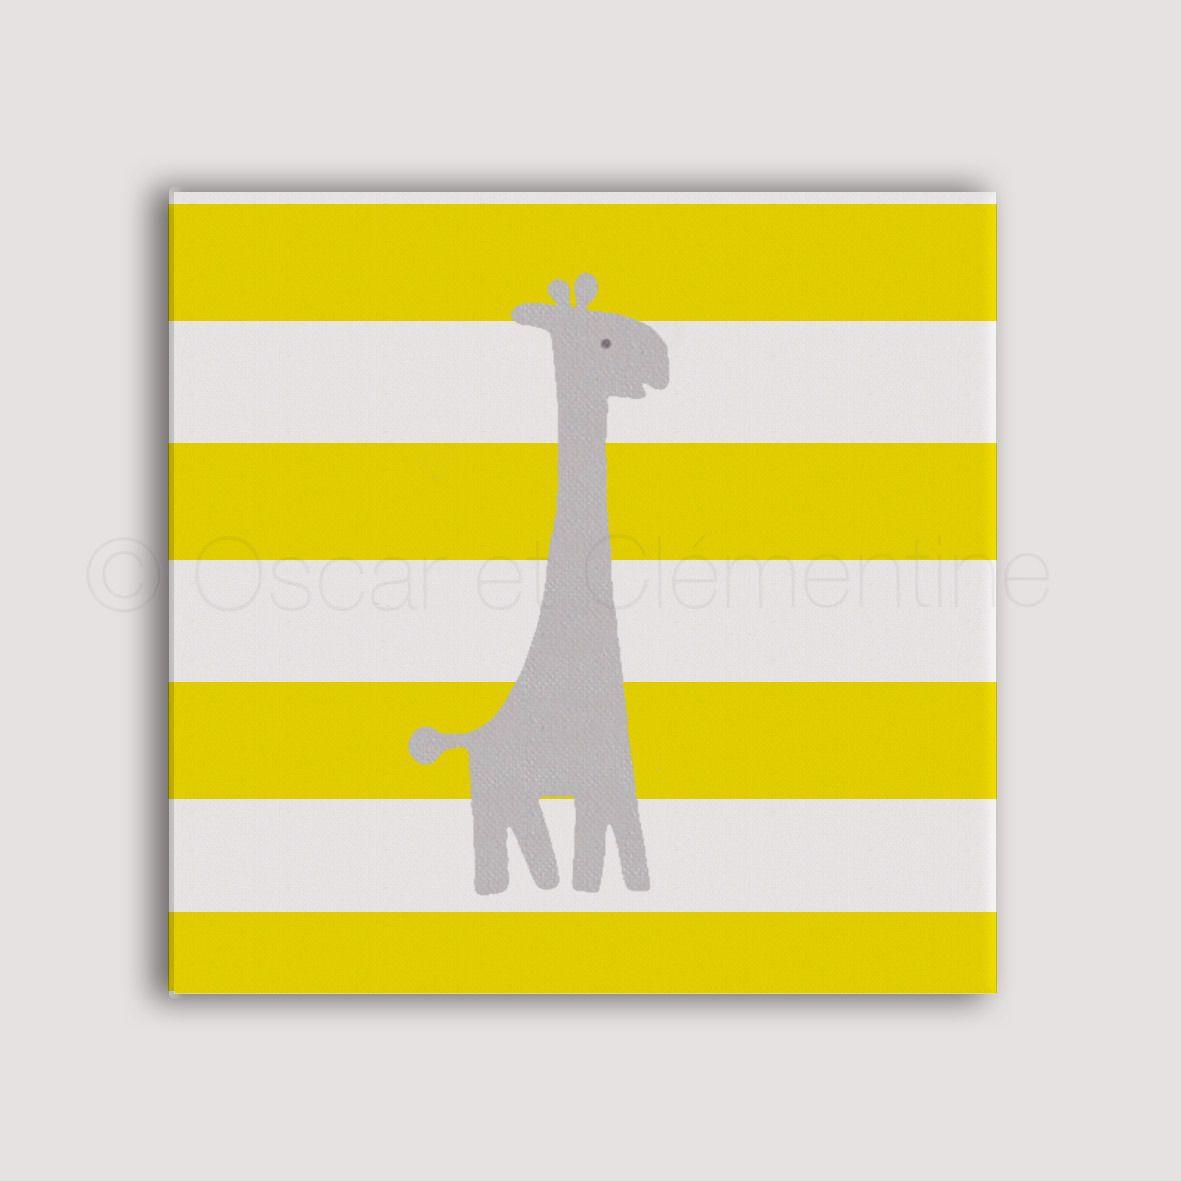 Girafe peinte la main toile pour chambre d 39 enfant ou de b b toiles peintes la main - Toile pour chambre bebe ...